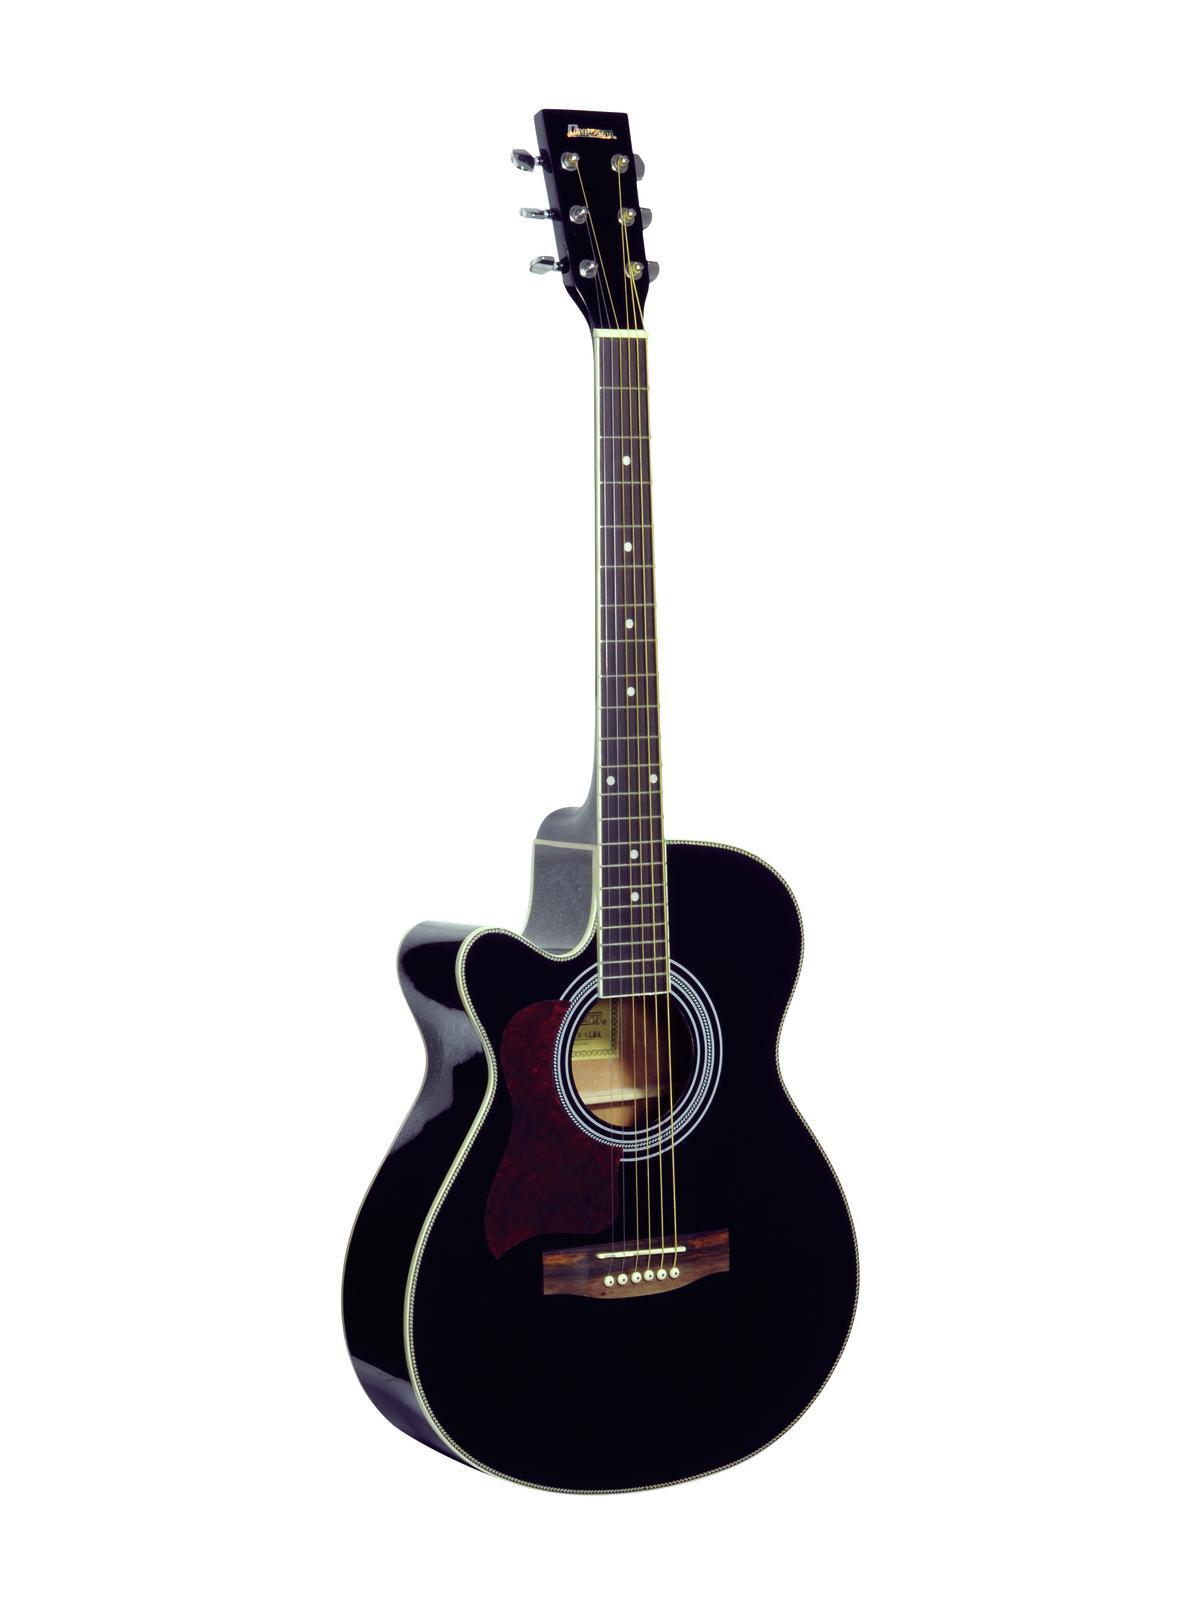 DIMAVERY JK-303L cutaway chitarra, nero